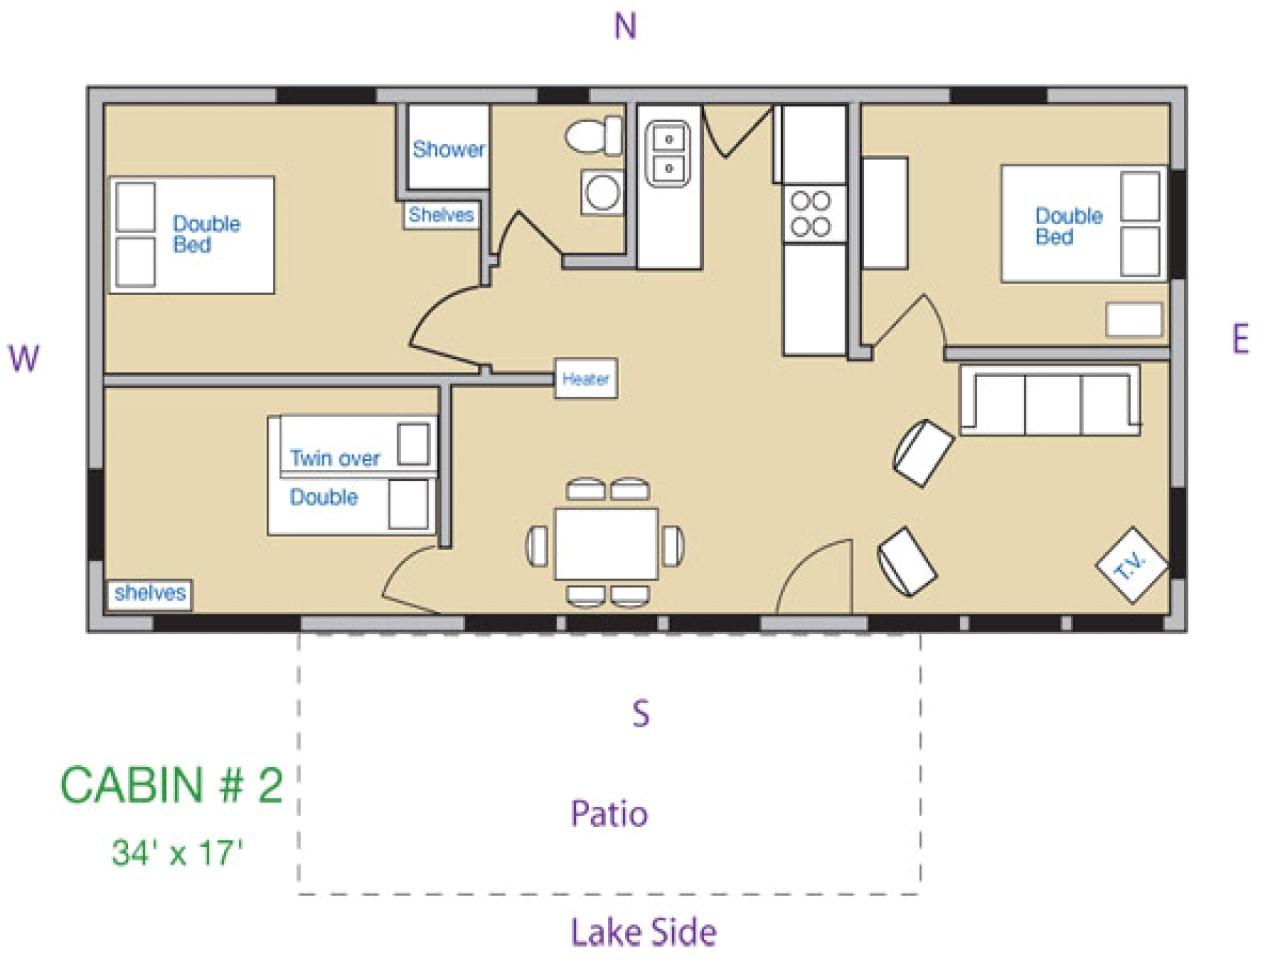 bcbdd5ba9759745b three bedroom log cabins 3 bedroom cabin floor plans